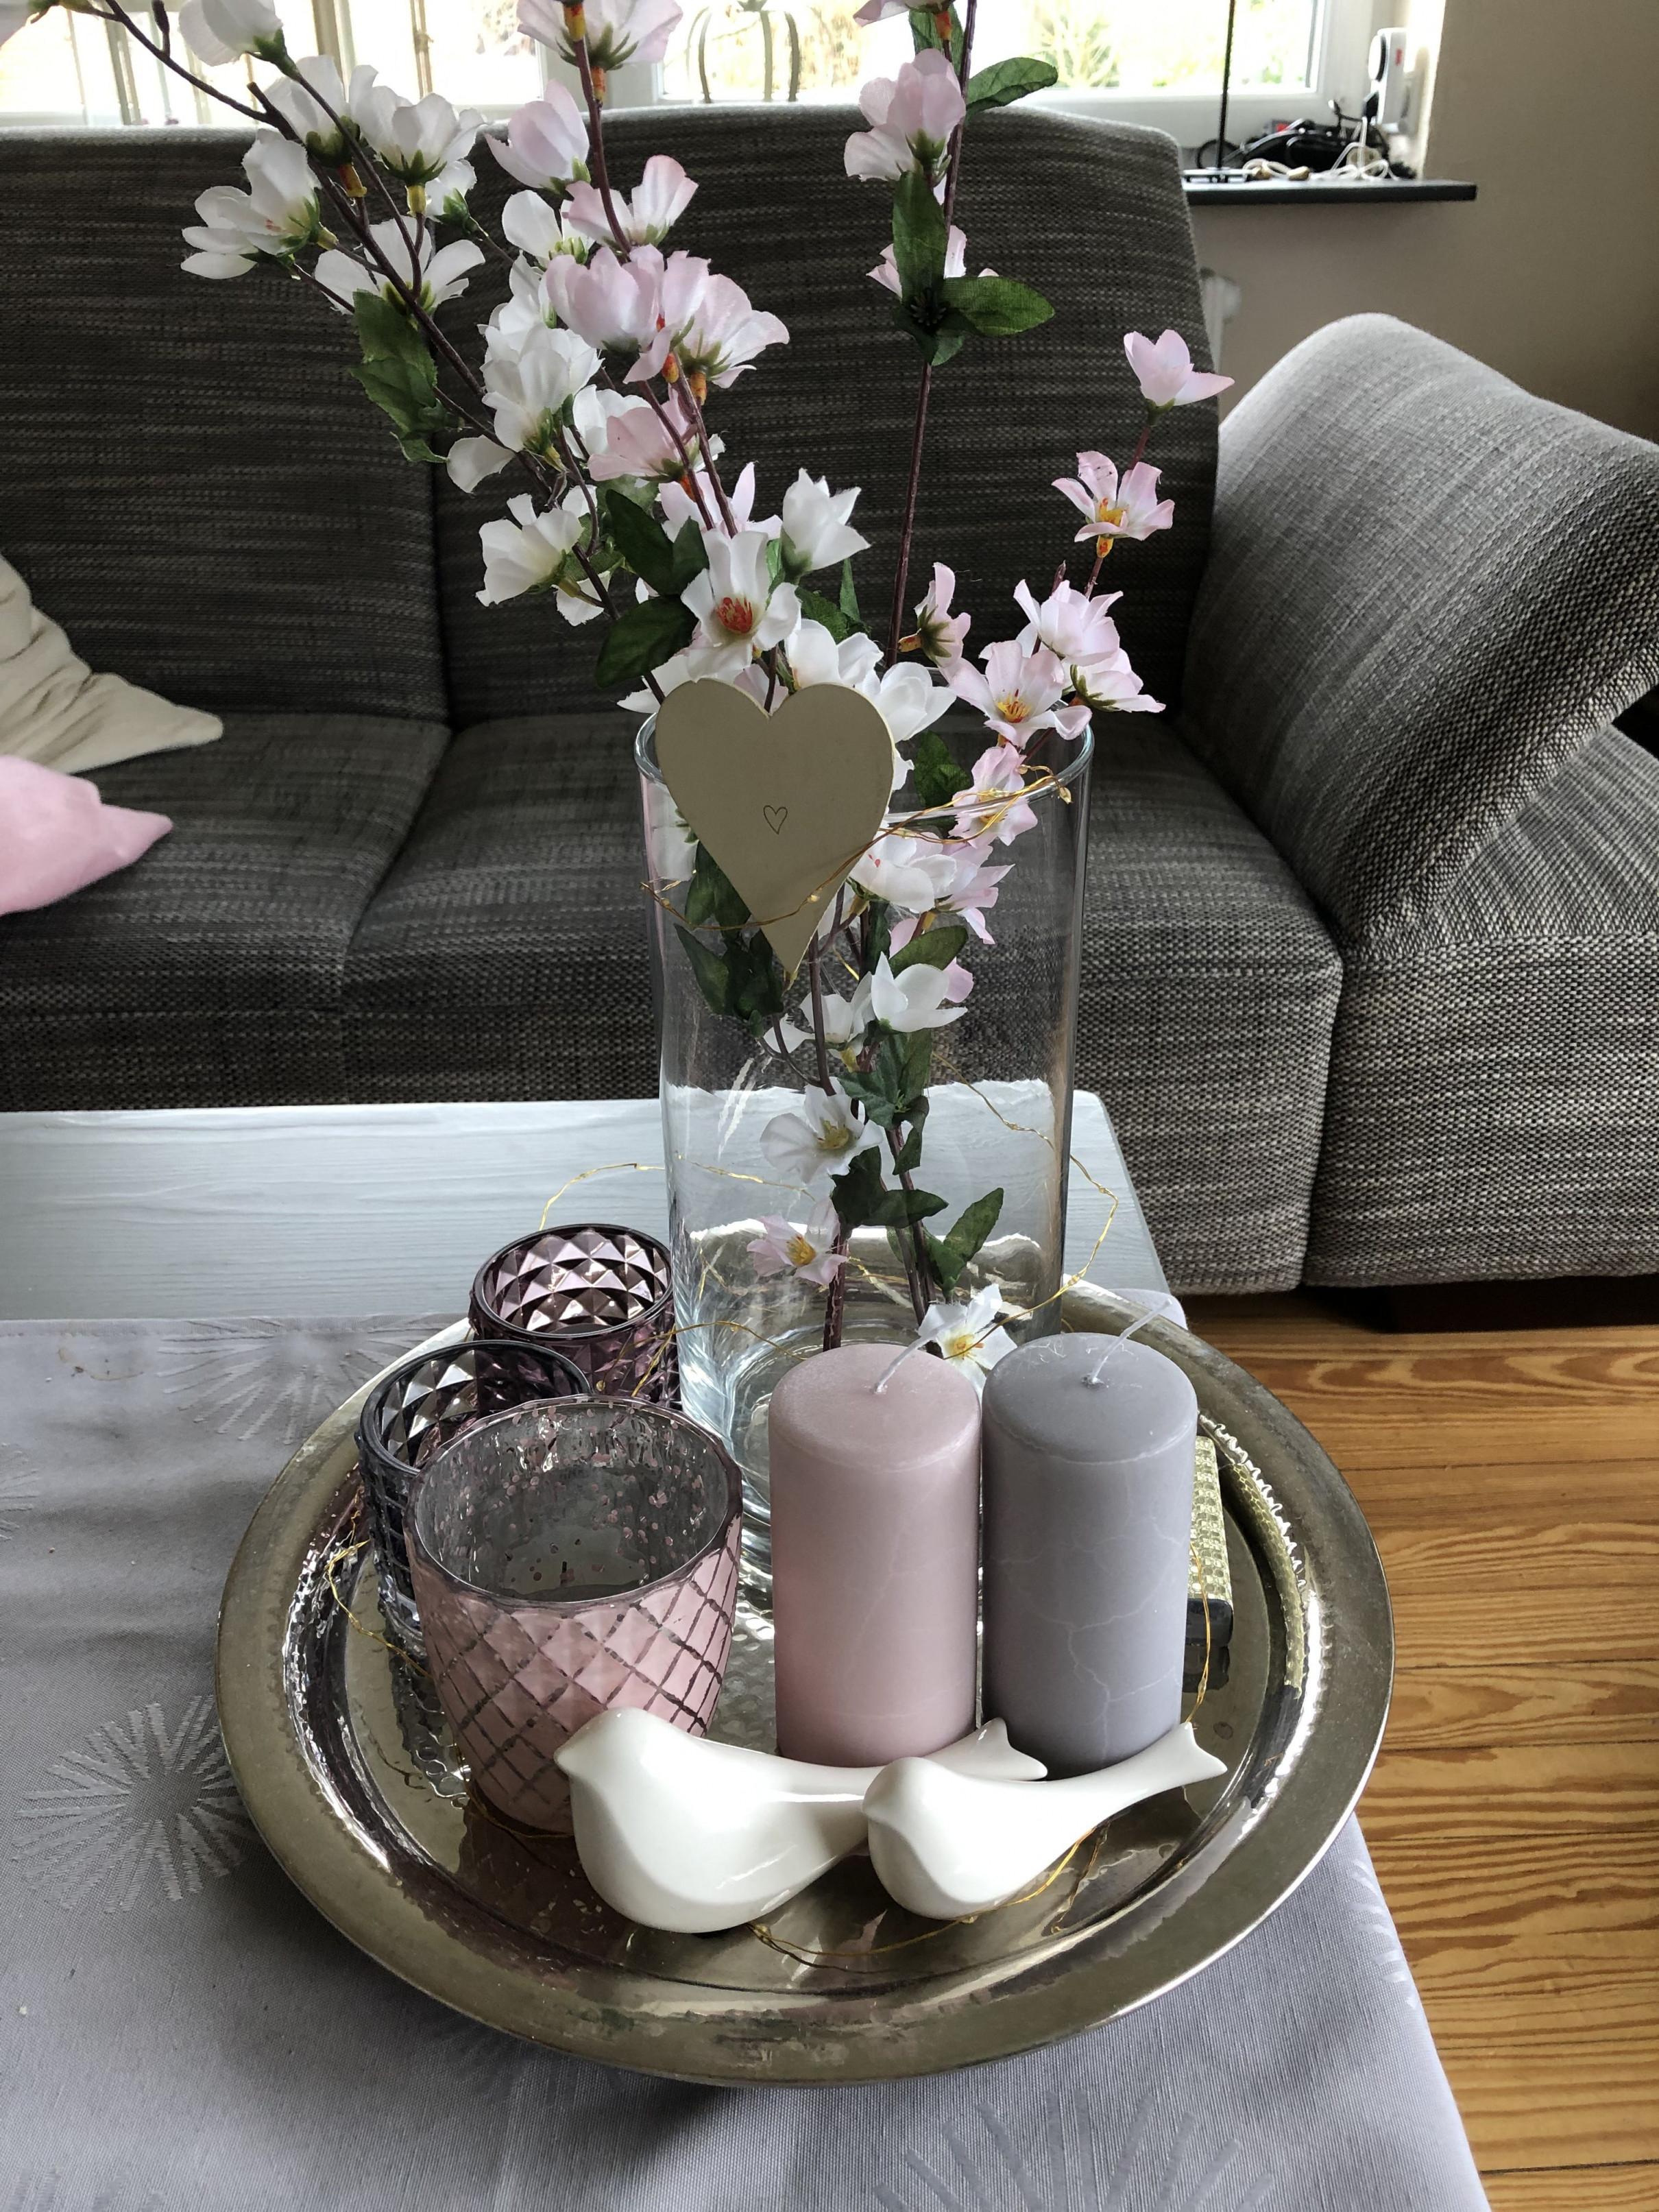 Frühling Deko Tisch Frühlingsdeko Tischdeko Kerzen Spring von Deko Für Tisch Wohnzimmer Photo